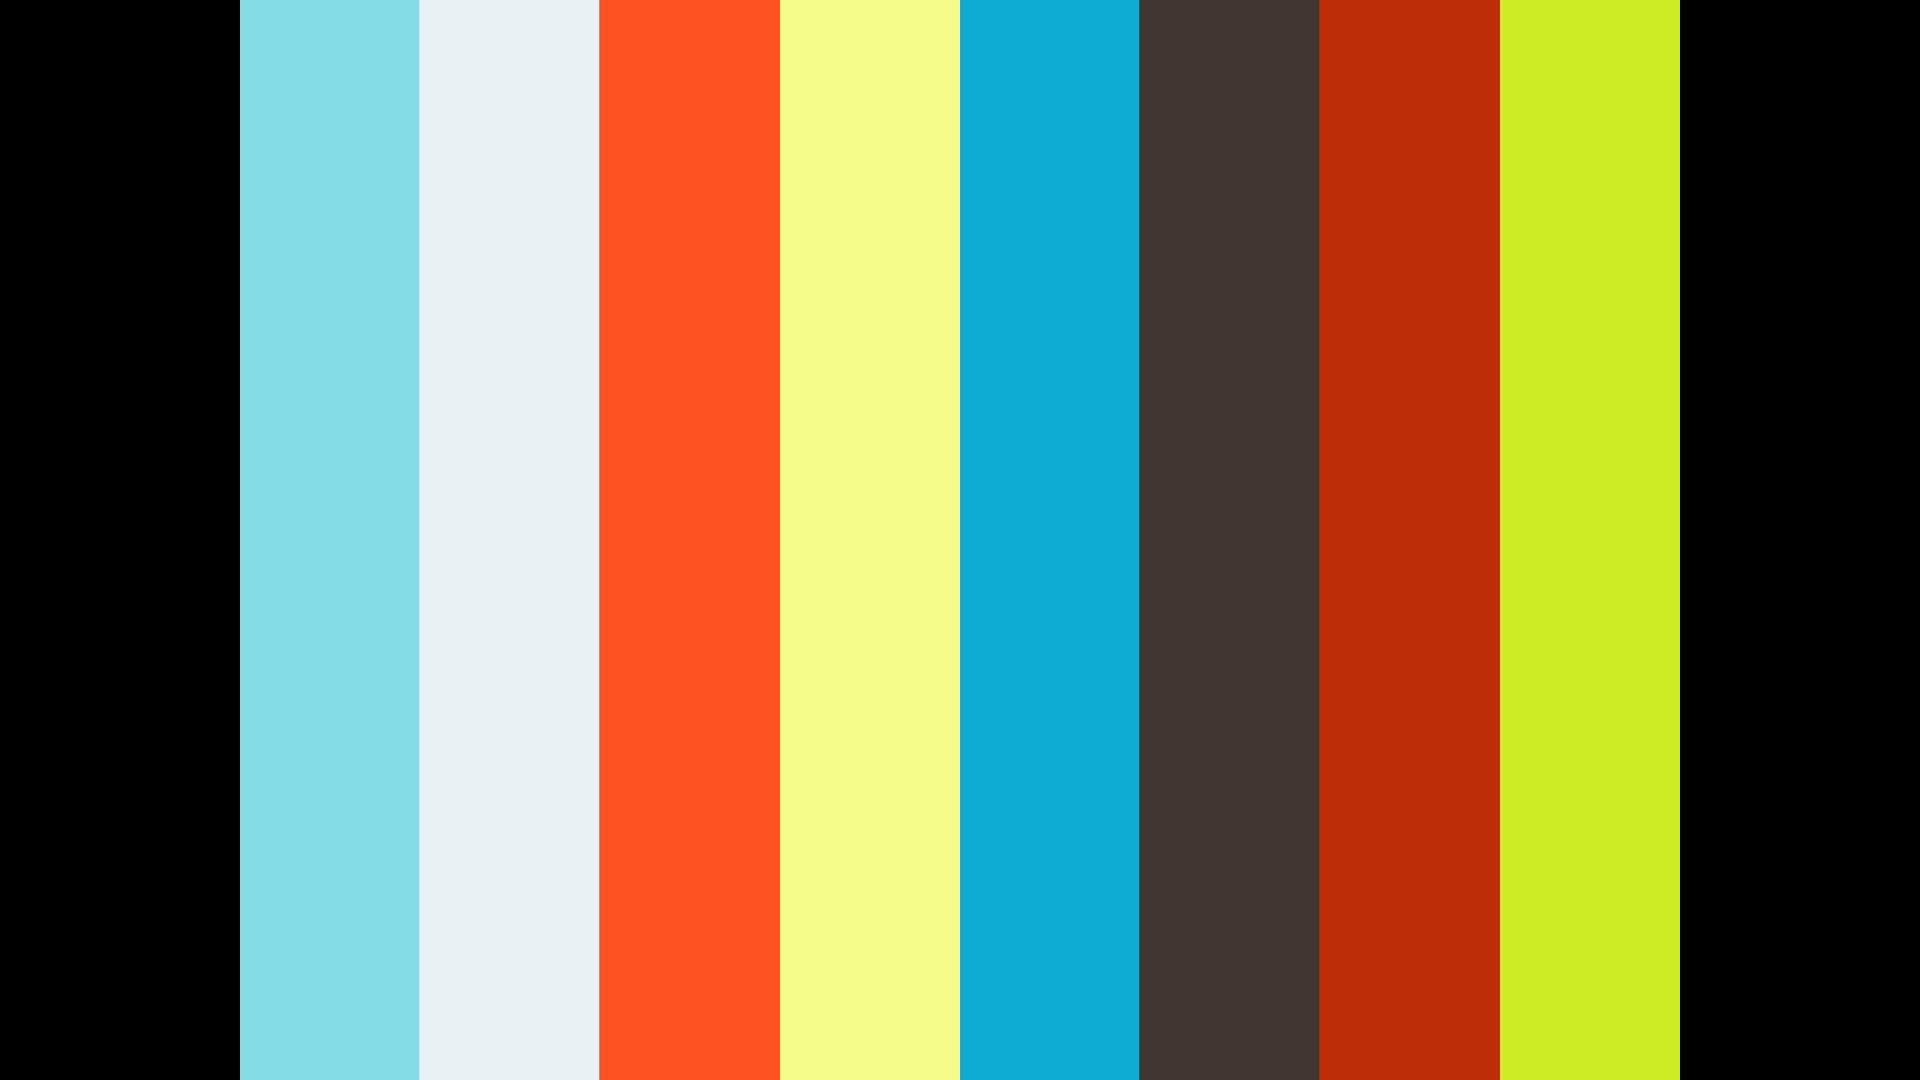 Vidéo Démo doublage Fiction Orange is the New Black, Brooke et Piper (non diffusé)